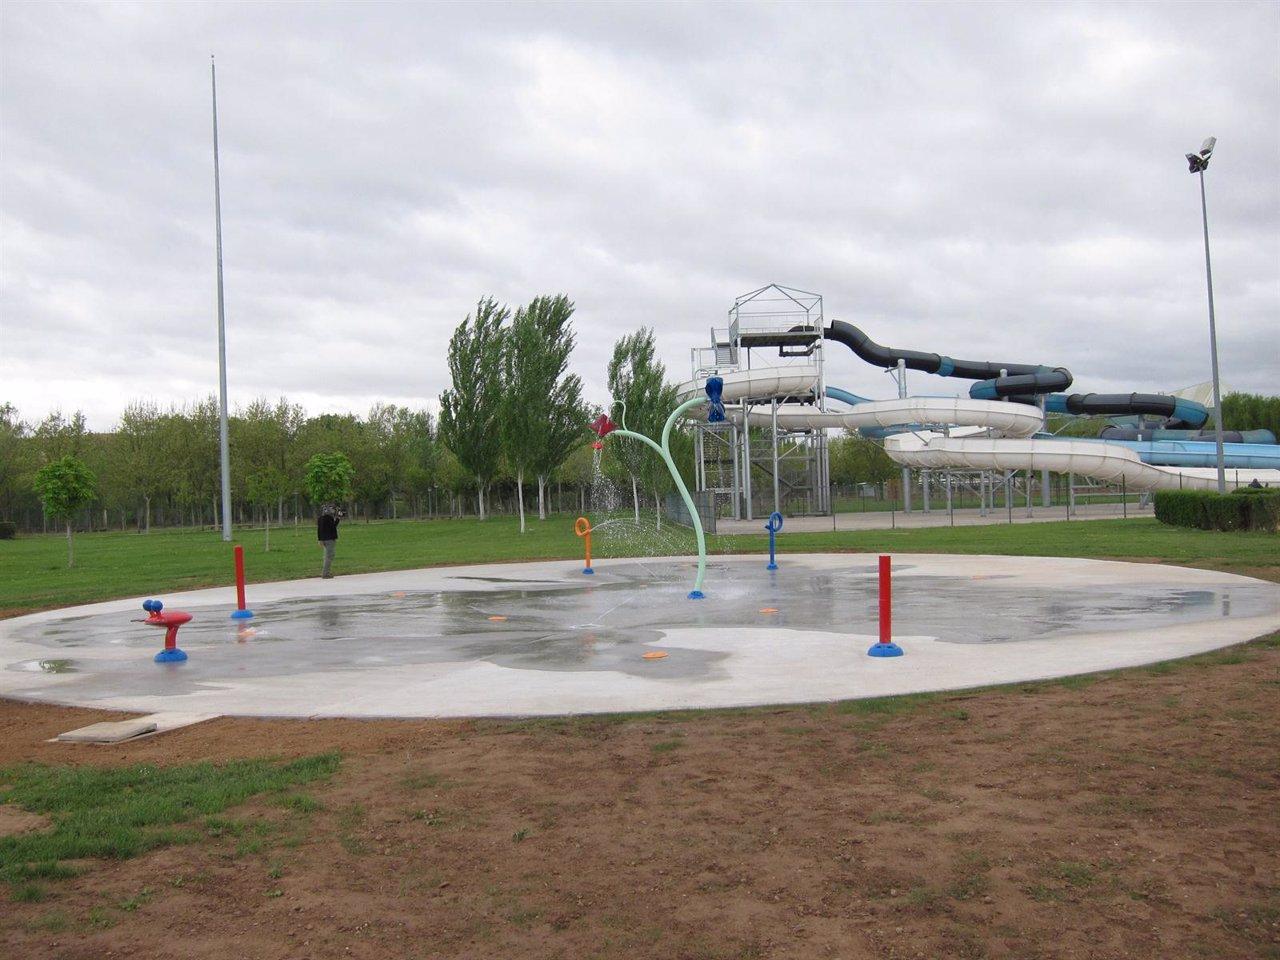 Las norias ampl a el horario de ba o de las piscinas hasta for Piscinas merino